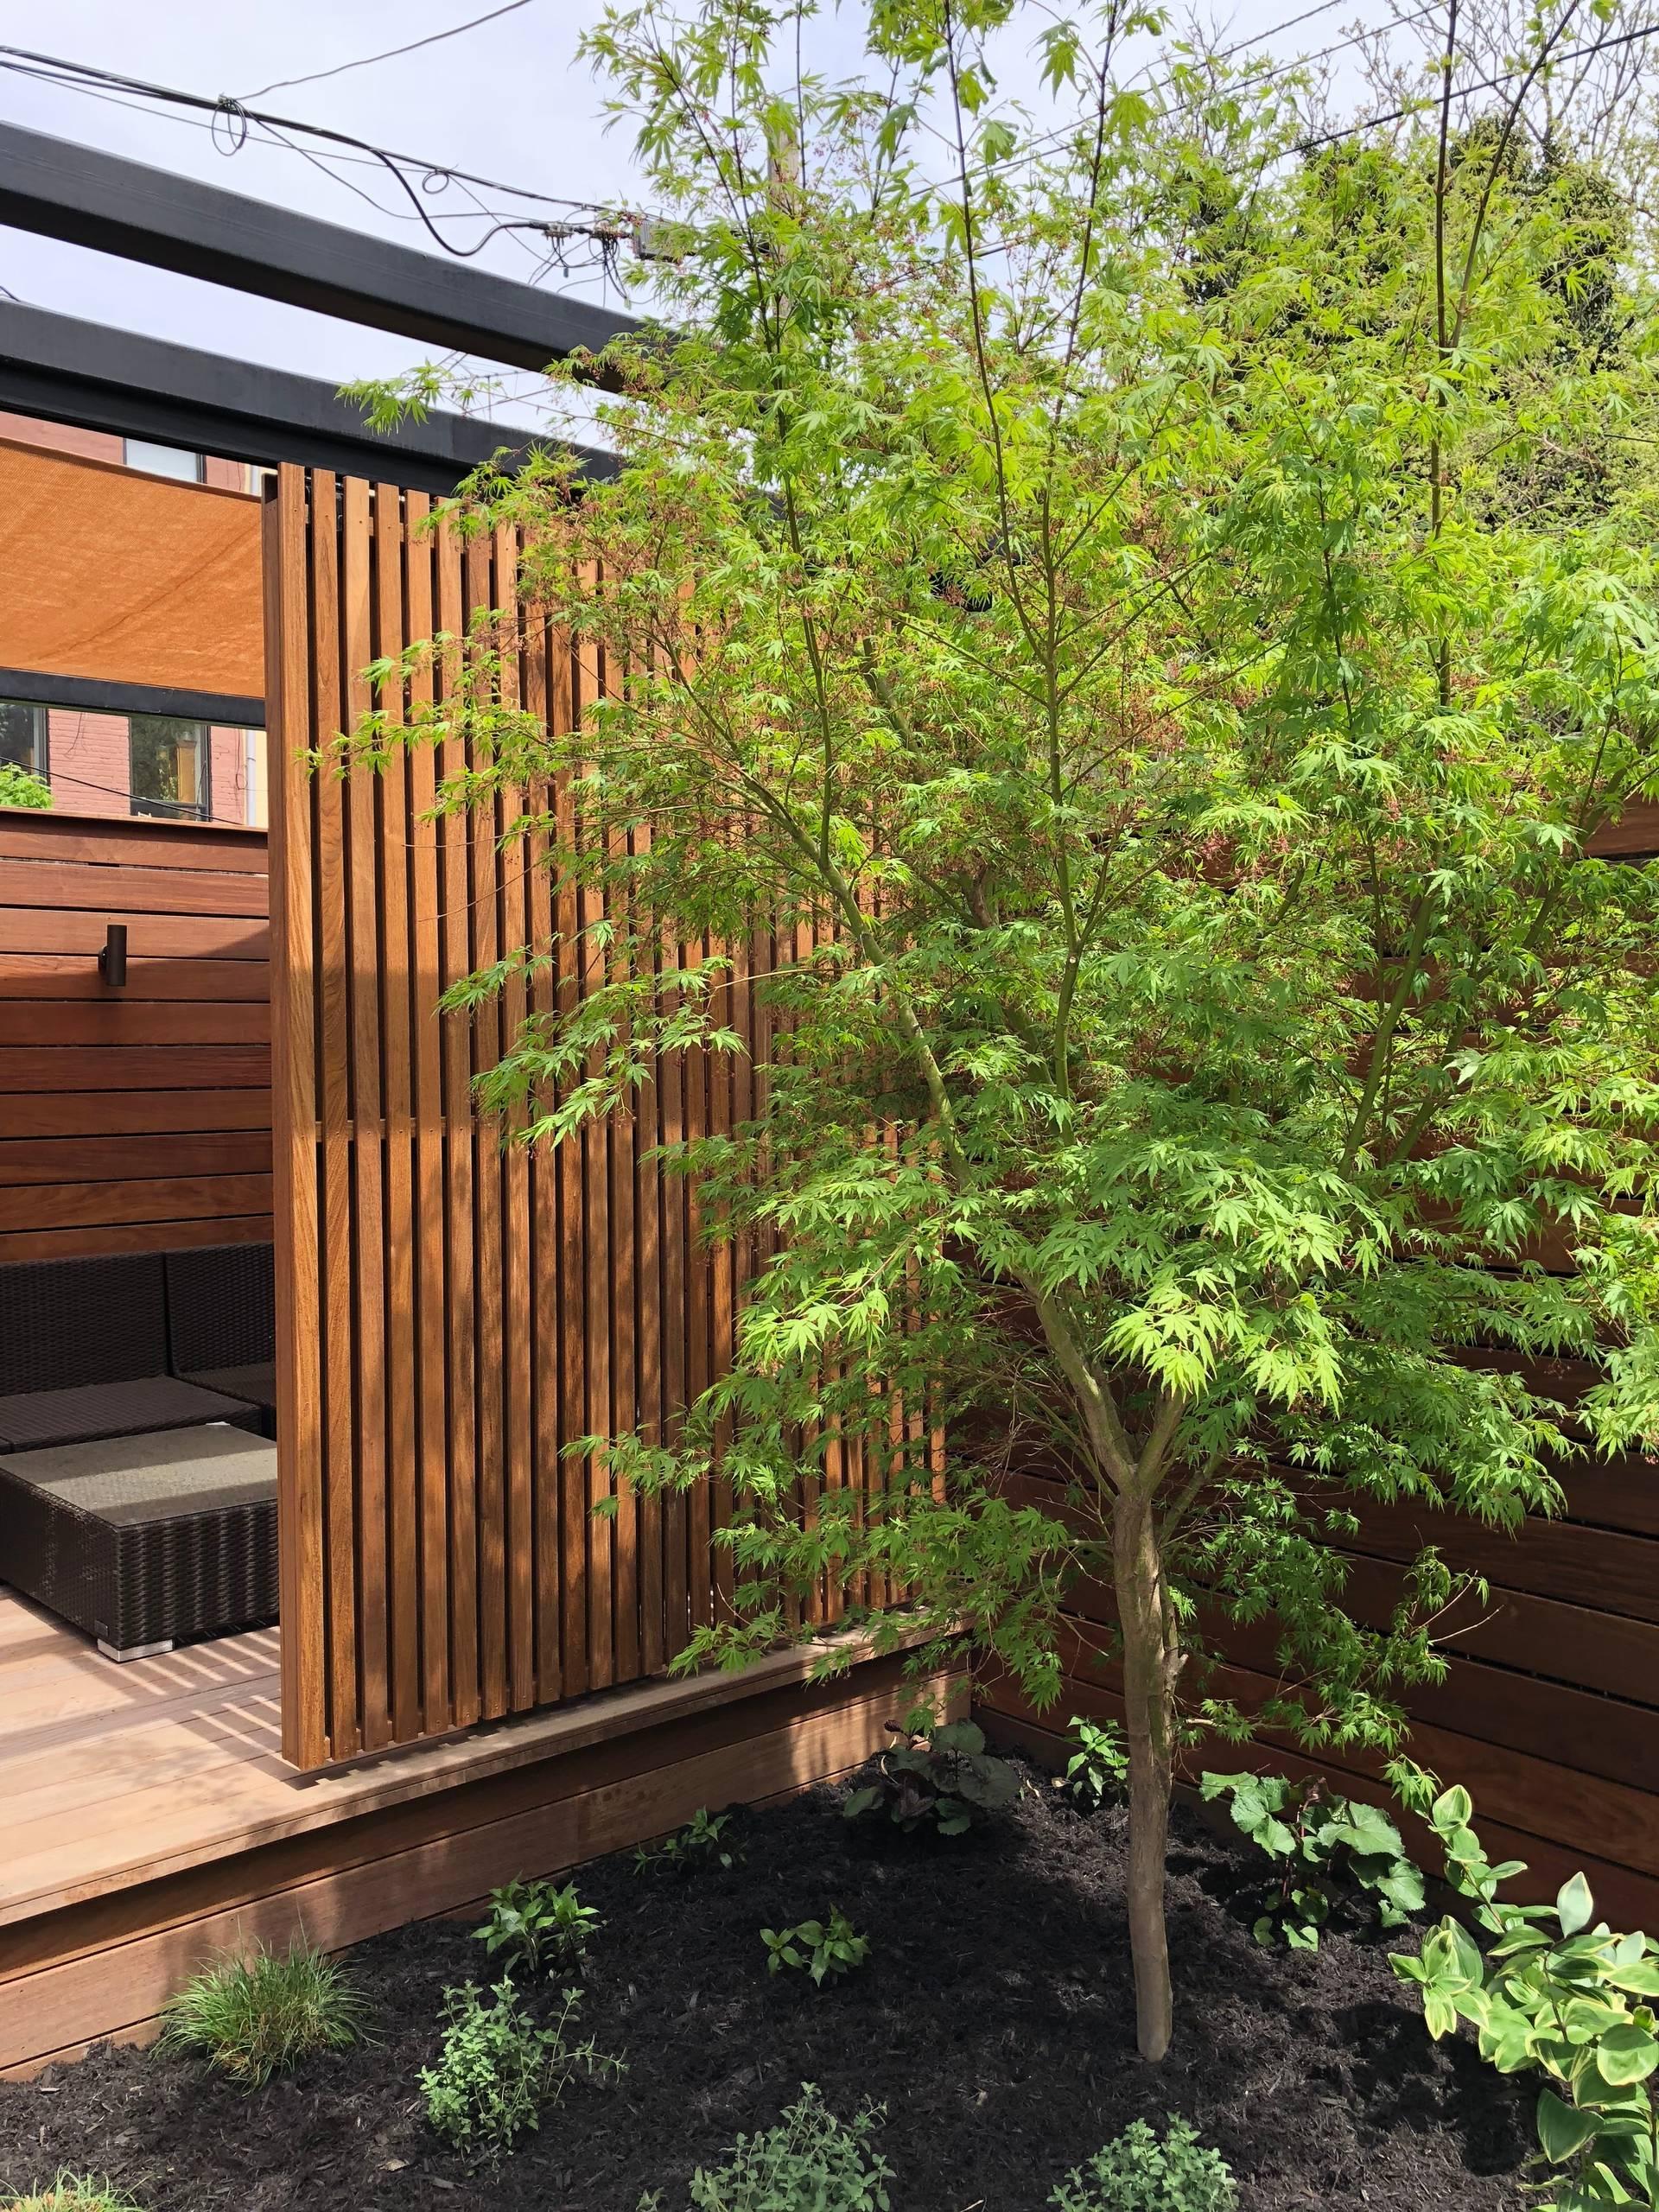 Brooklyn Garden with Pergola